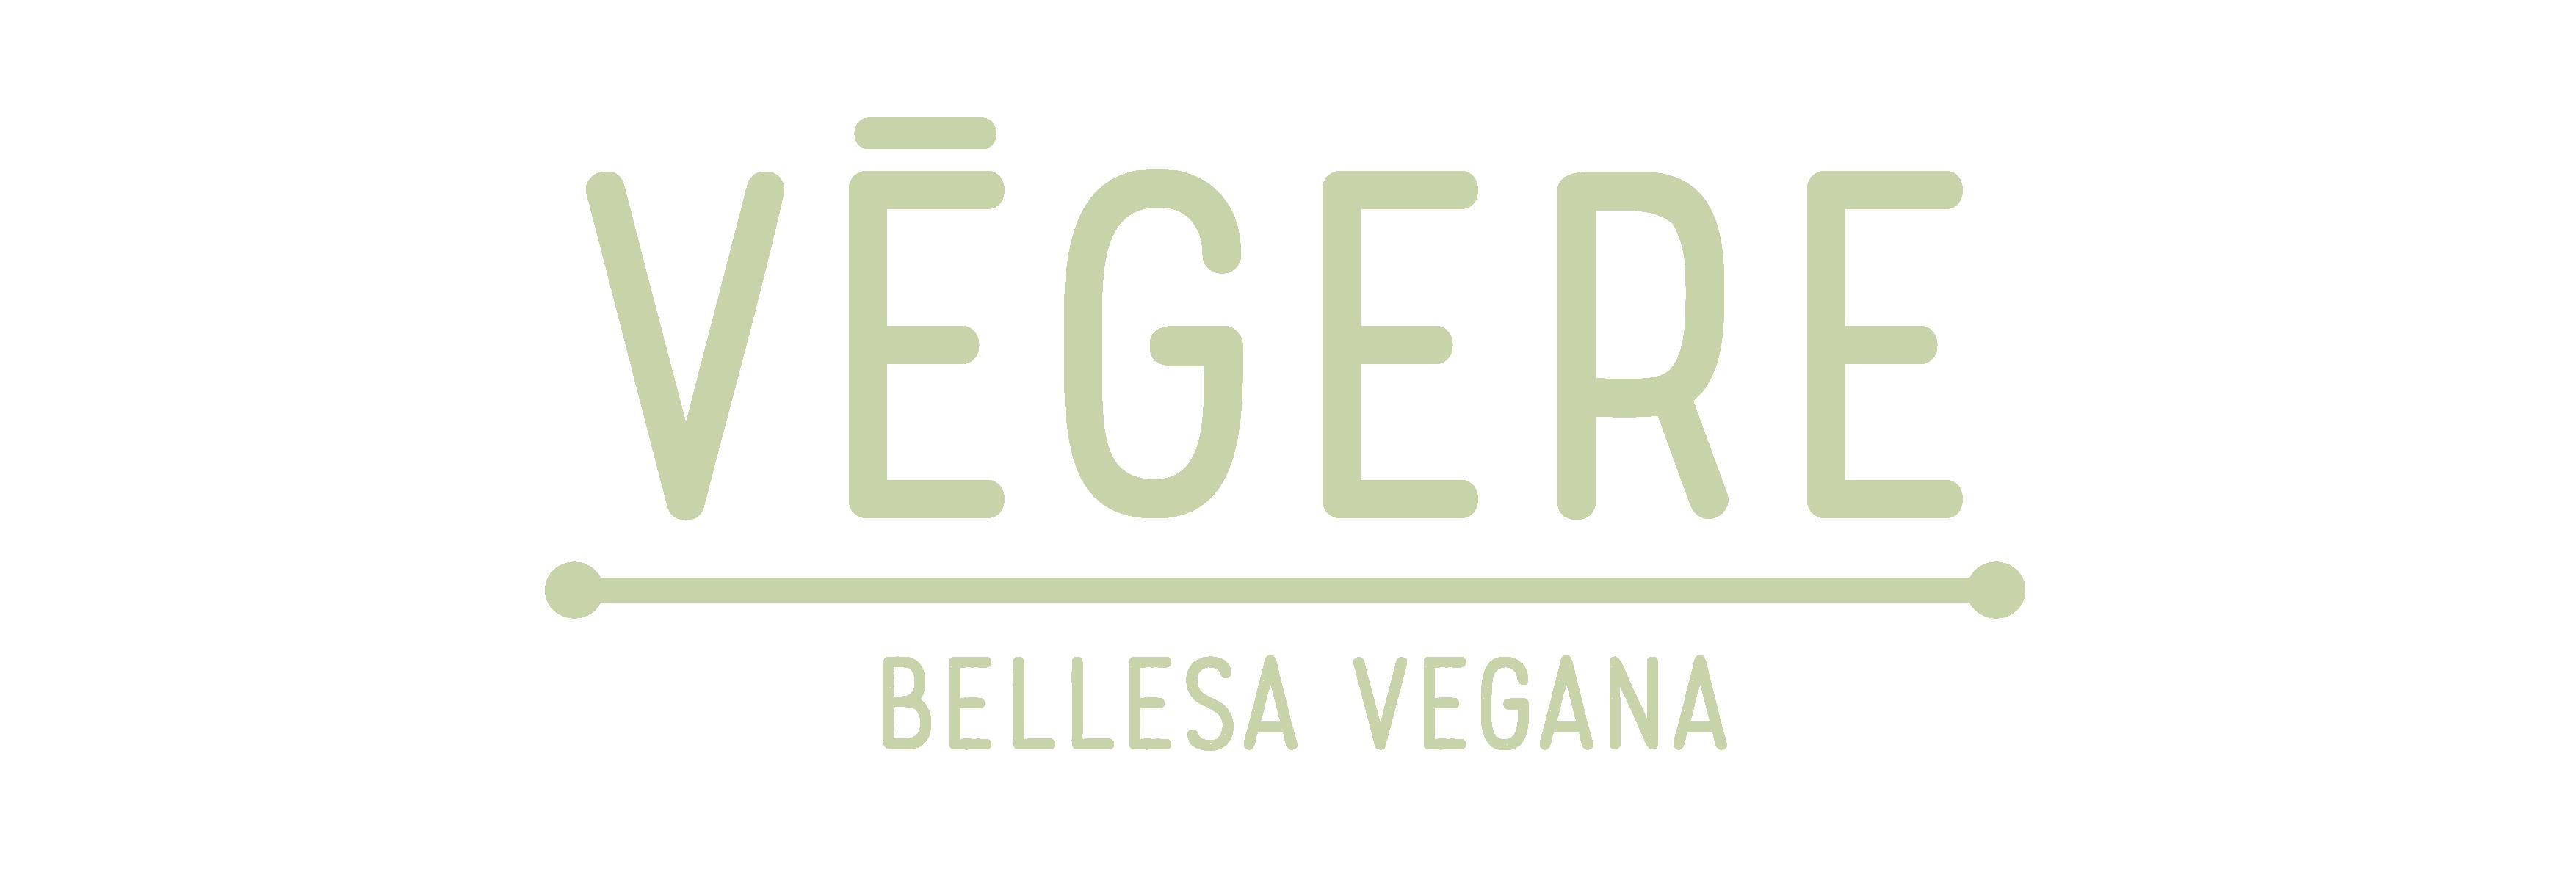 Végere - Centro de Estética Vegano